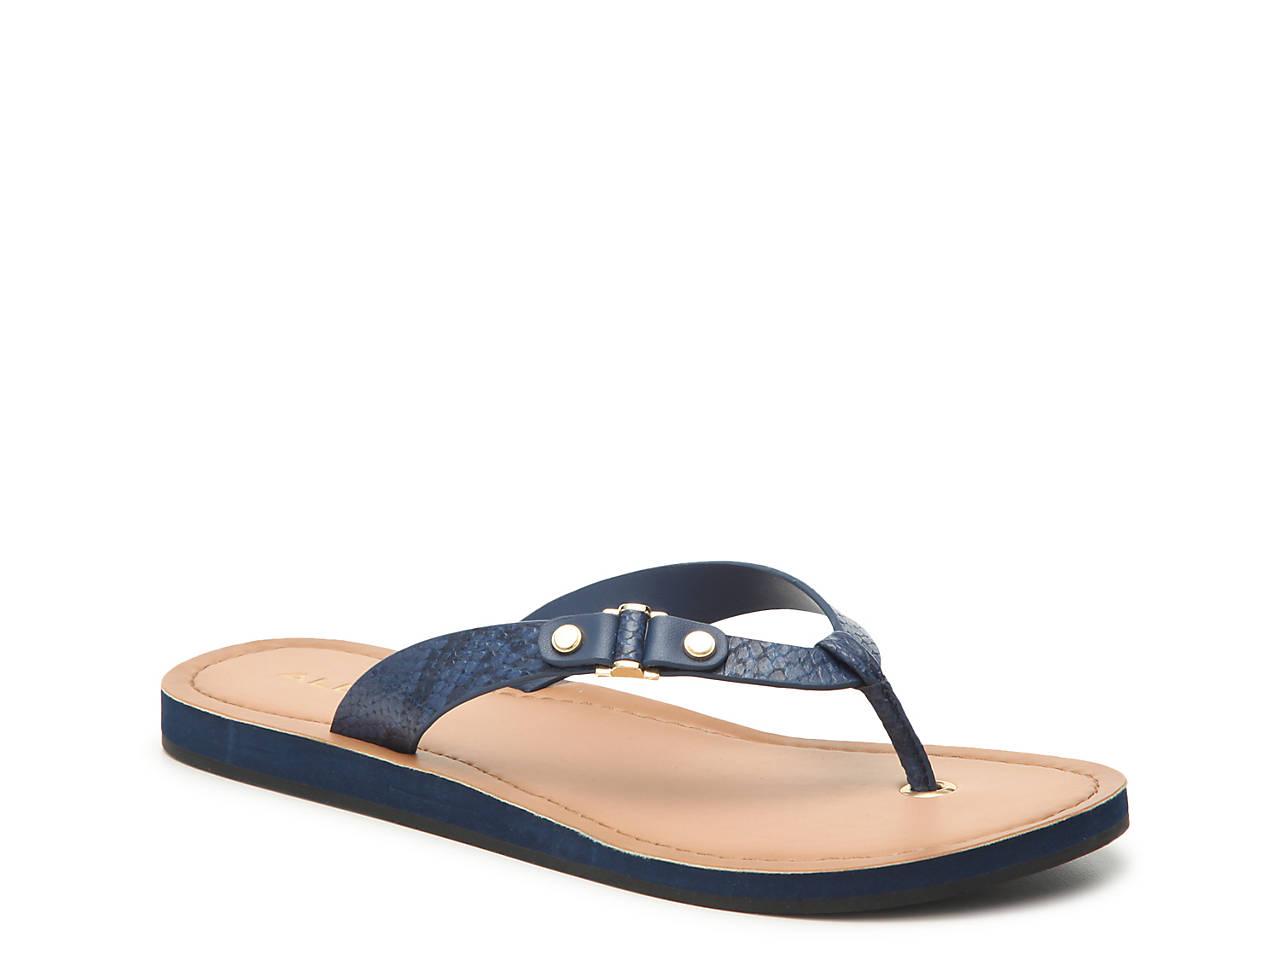 1d577c7d9 Aldo Prardodia Sandal Women s Shoes